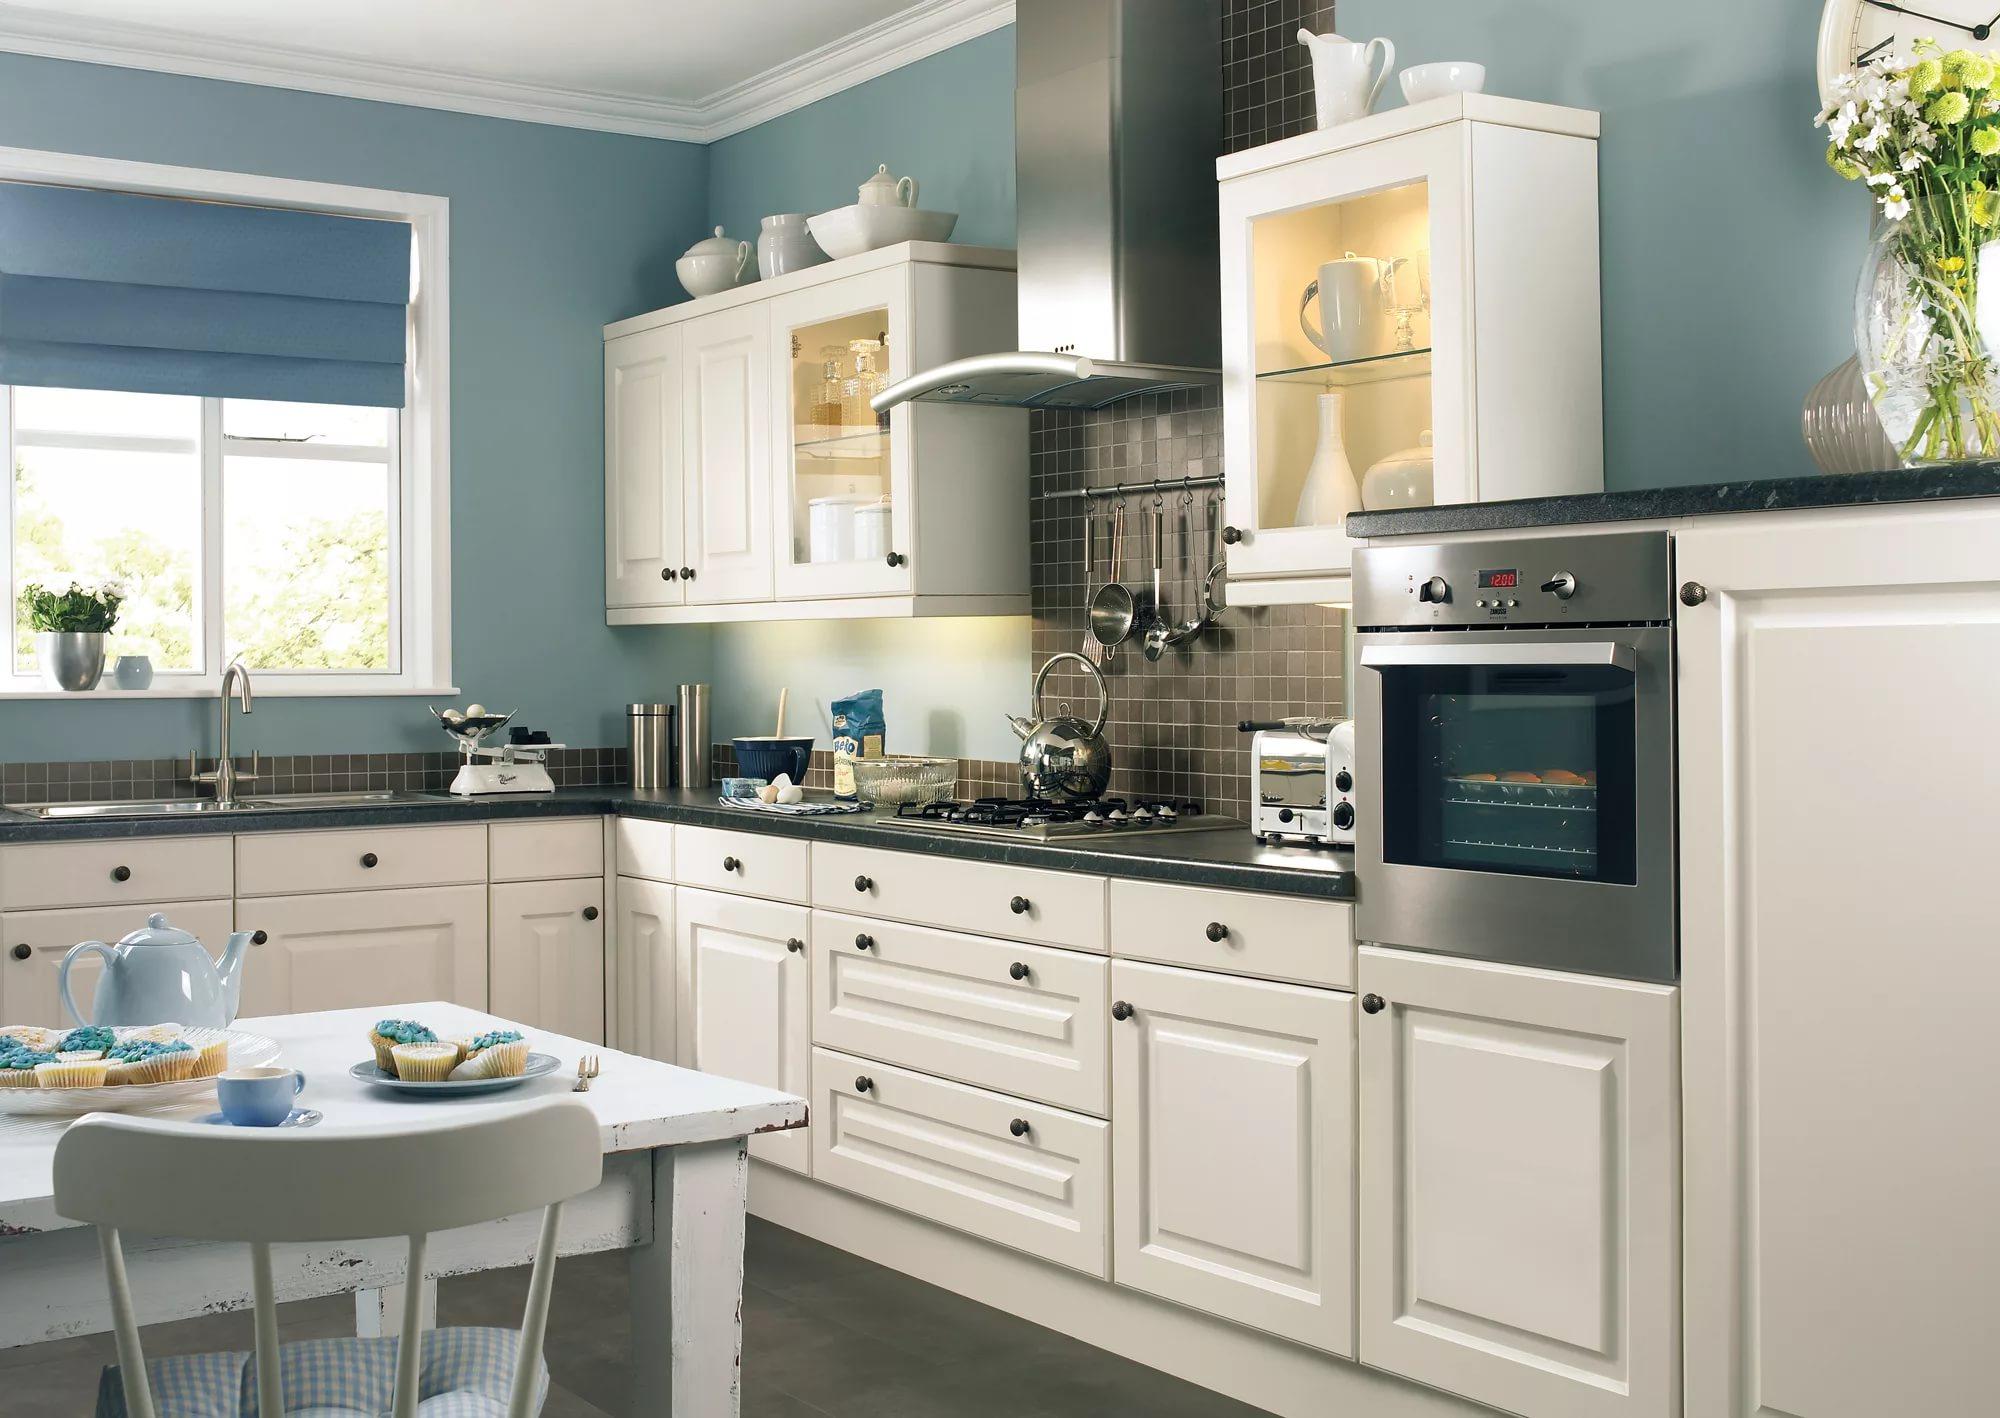 Визуальное увеличение кухни в двухкомнатной квартире